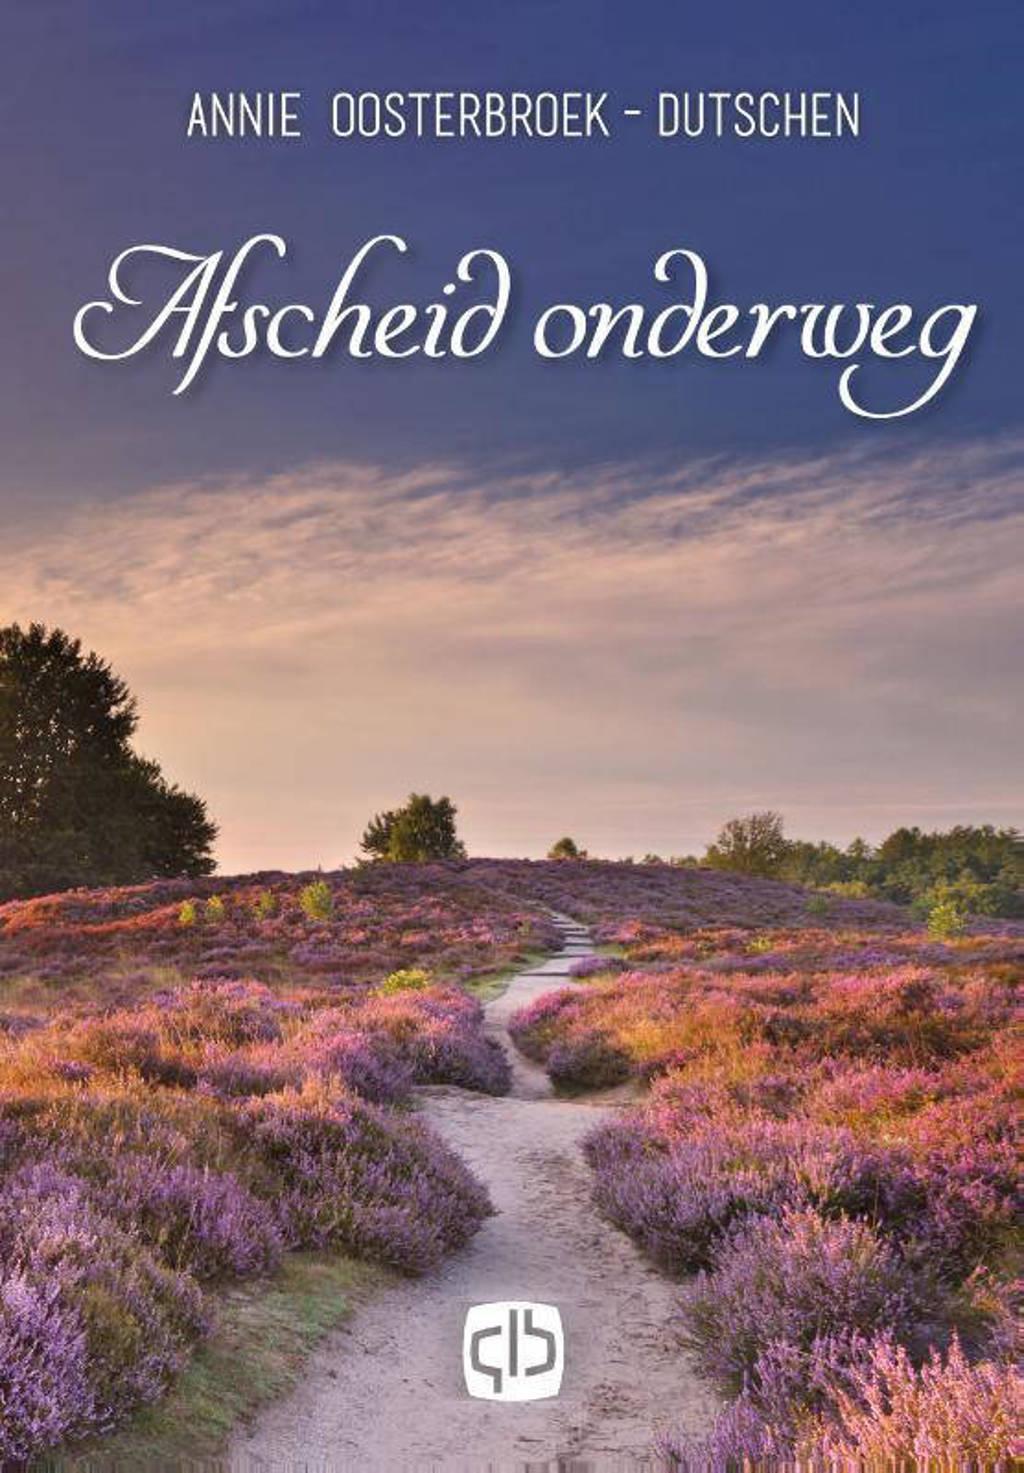 Afscheid onderweg - Annie Oostenbroek-Dutschen